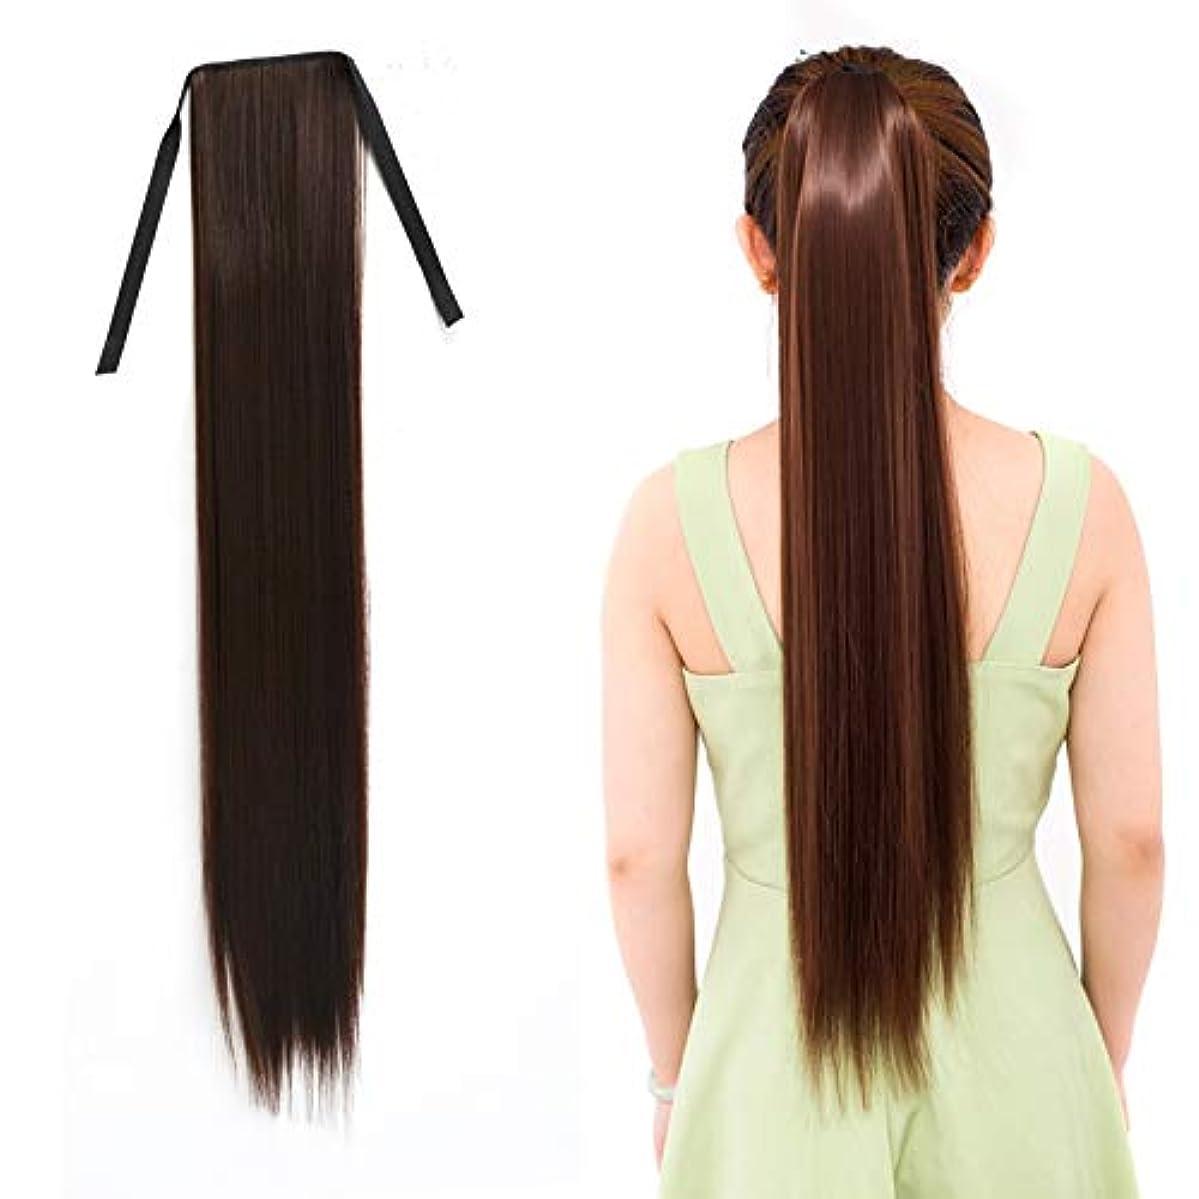 句読点最少軽蔑する美しさ 女性のためのナチュラルロングストレートヘアポニーテール包帯かつらポニーテール、長さ:75センチ ヘア&シェービング (色 : Black Brown)